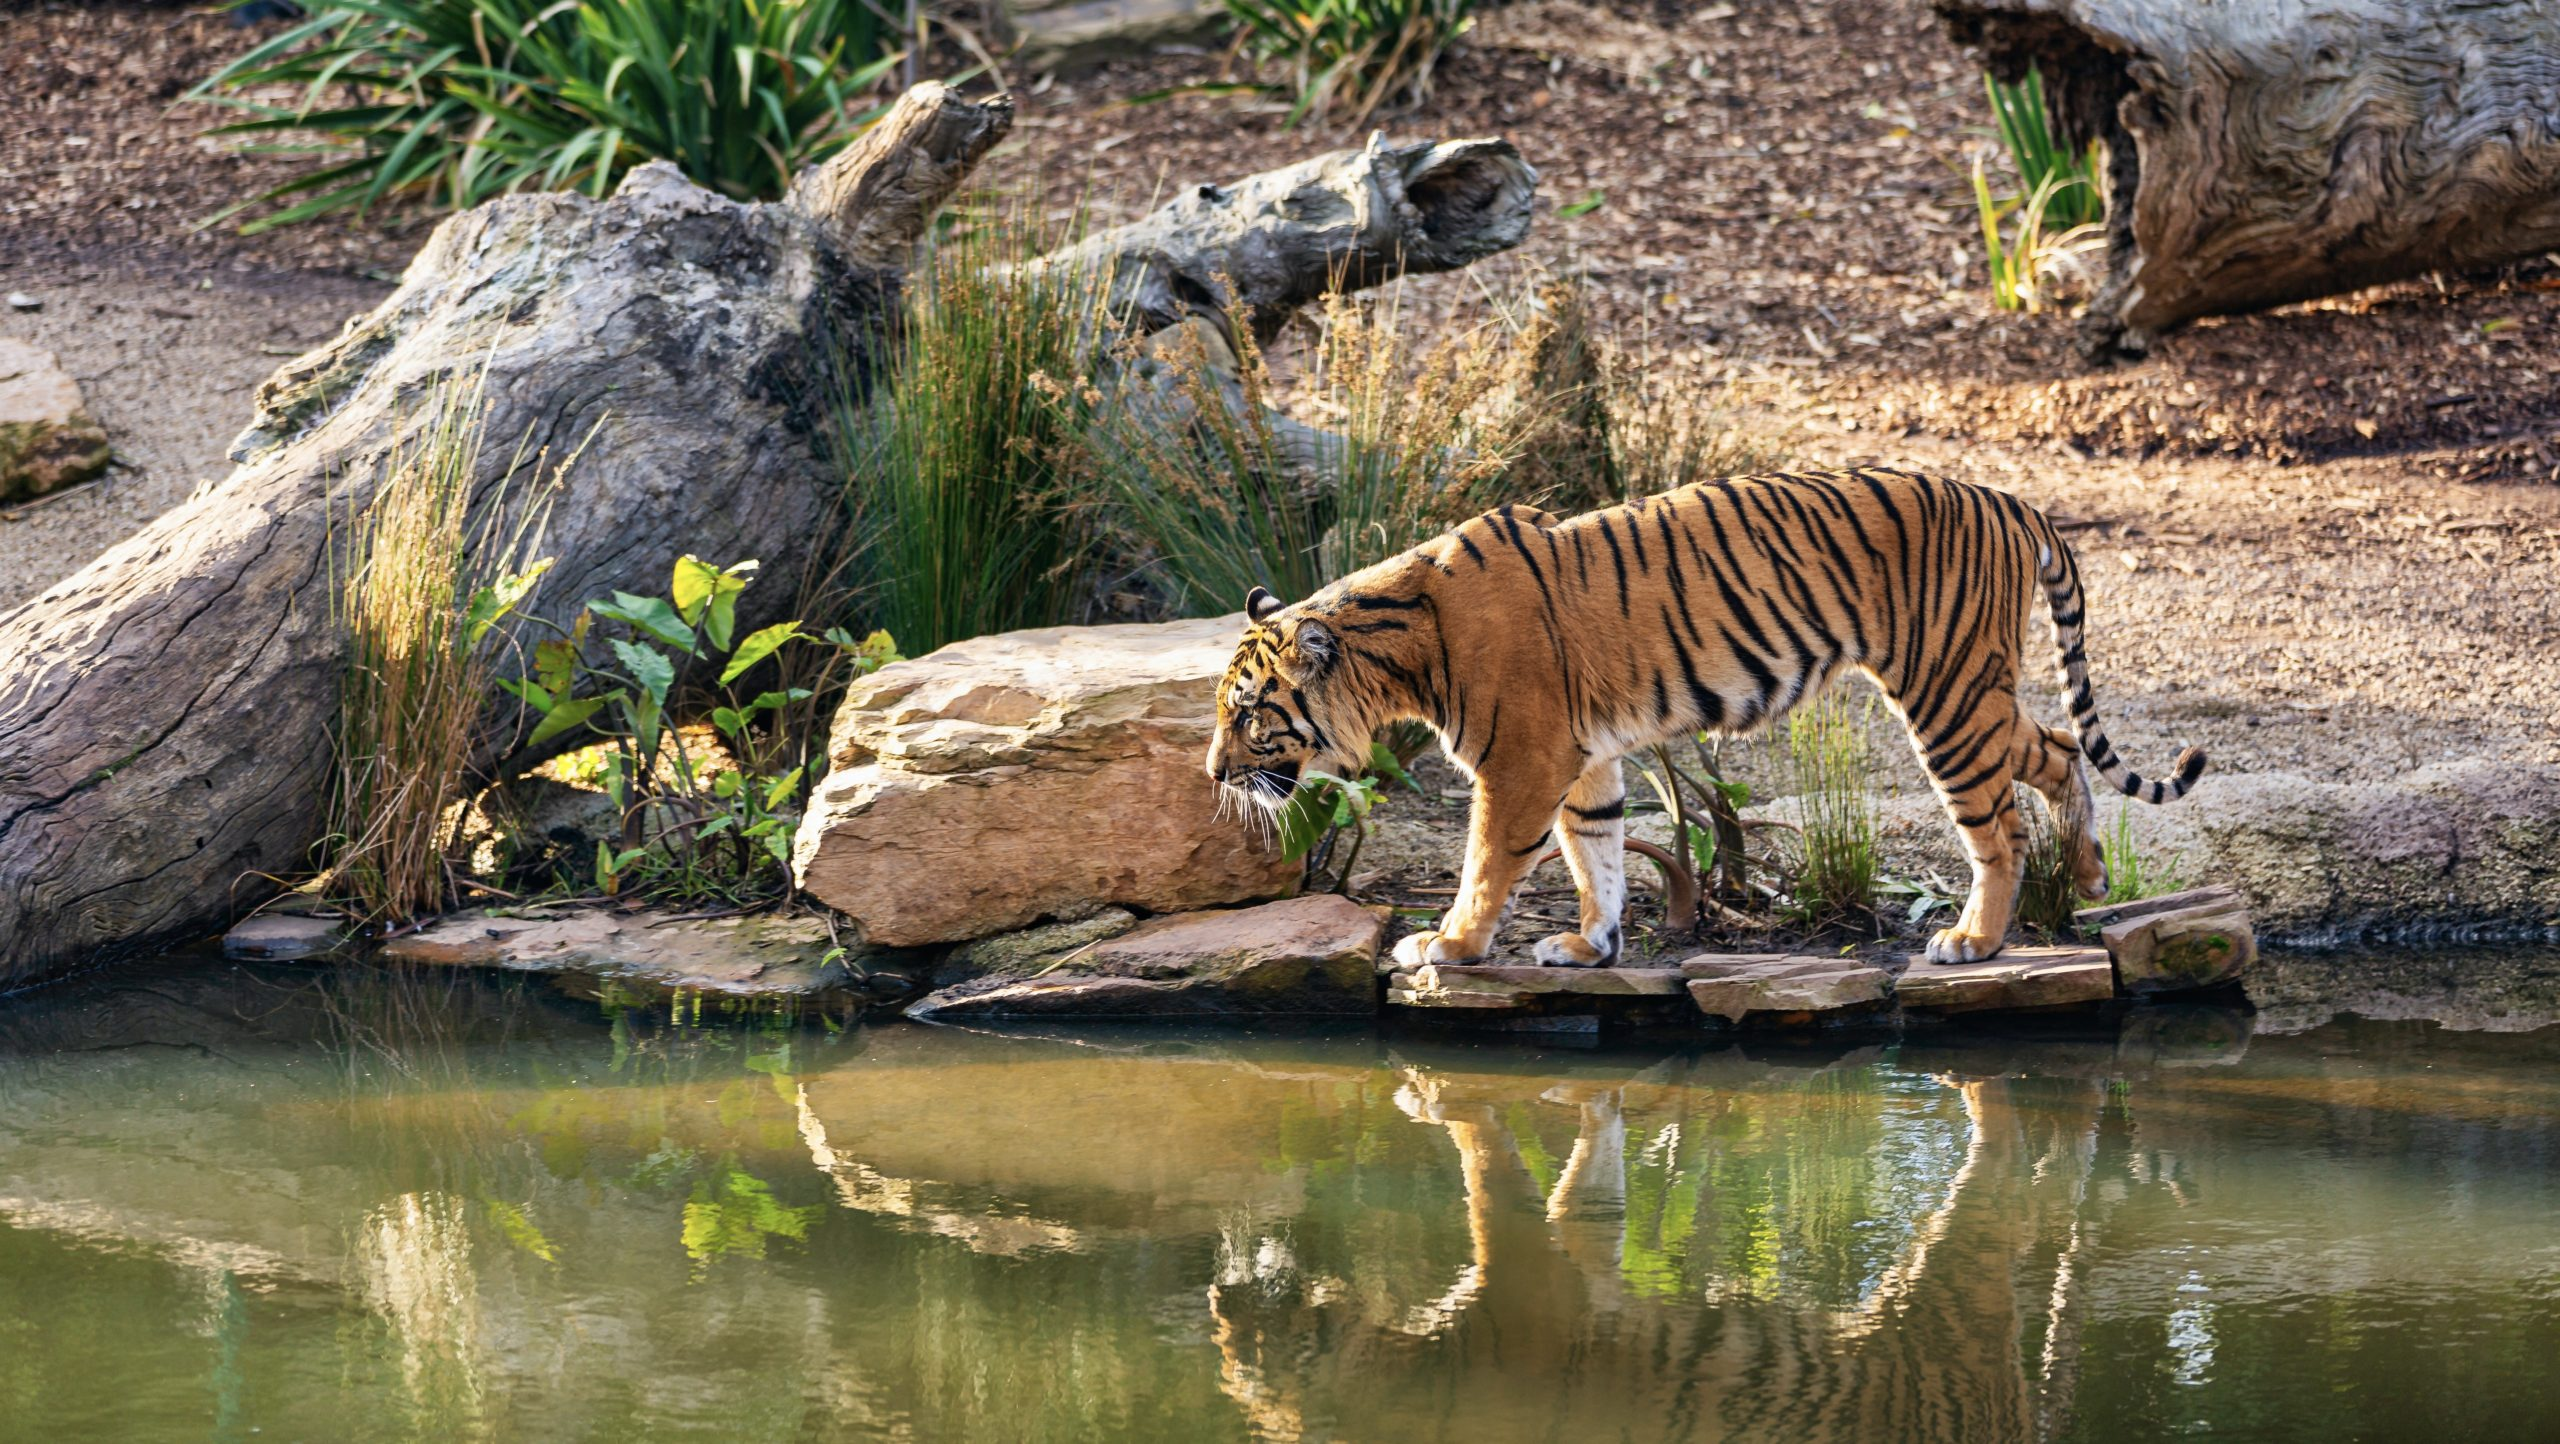 rencontre avec les tigres thailande)